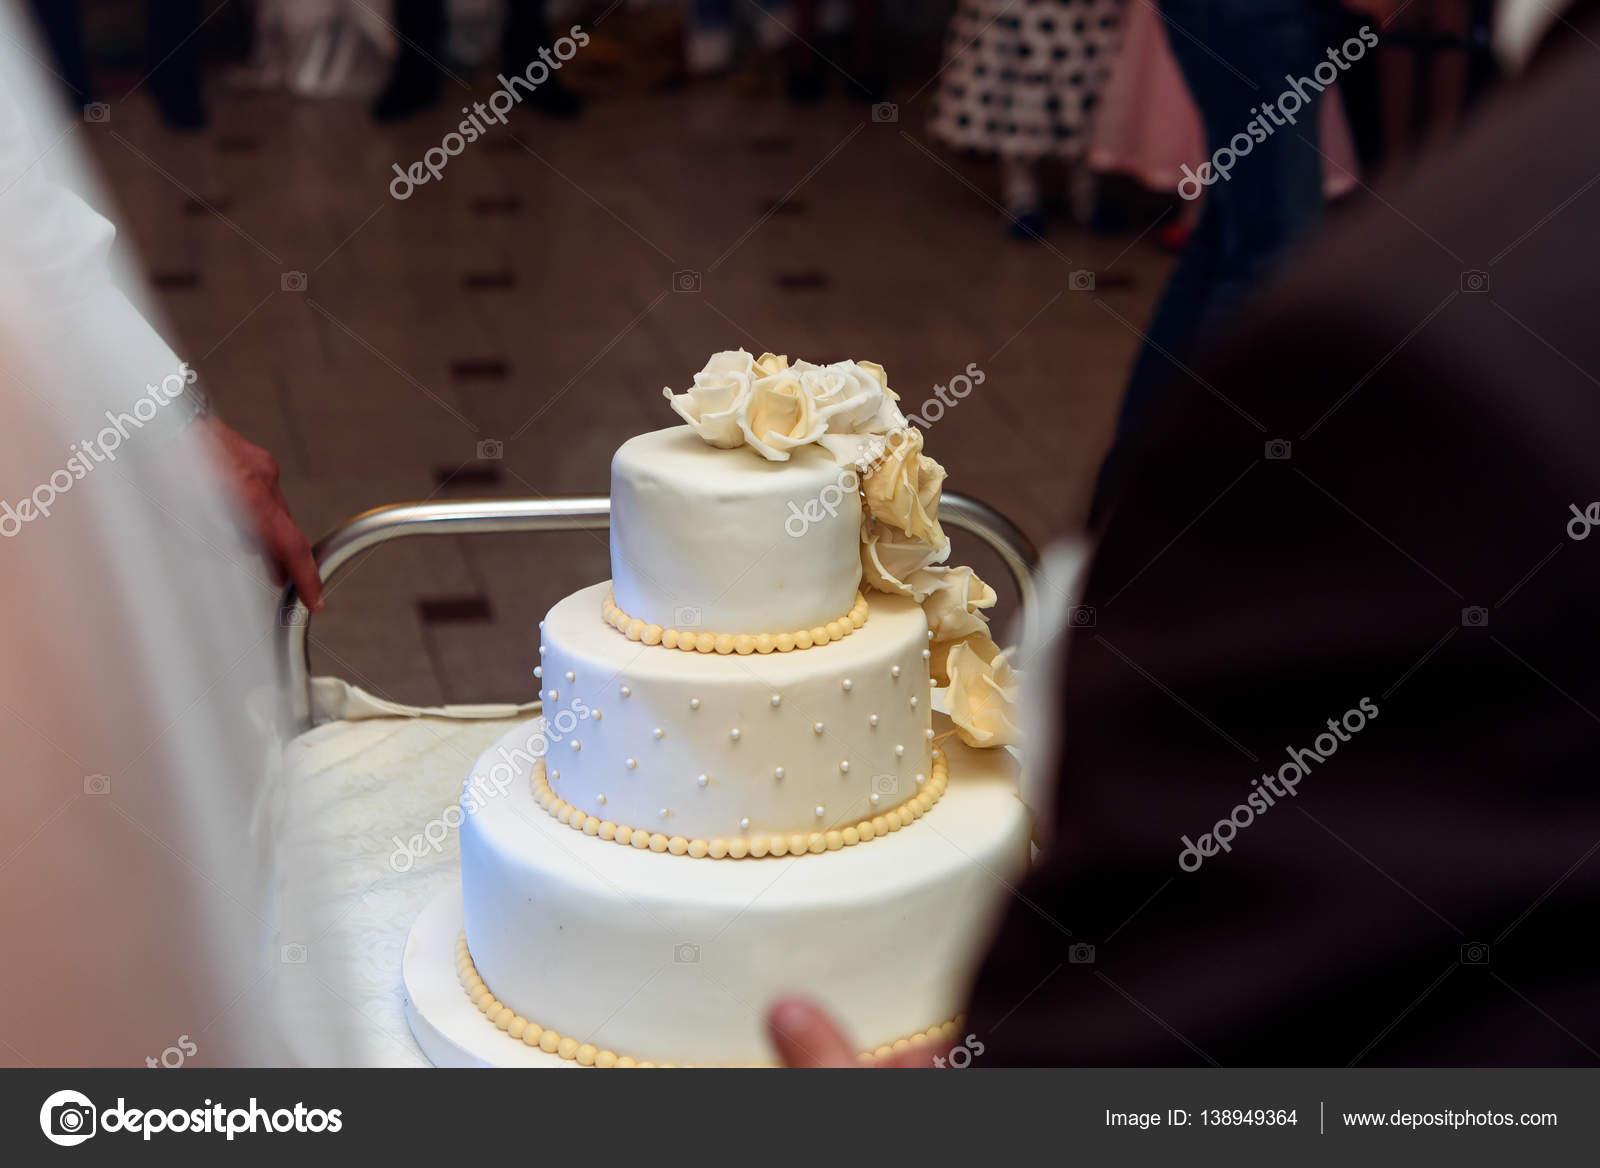 Gâteau De Mariage De Luxe Photographie Sonyachny 138949364